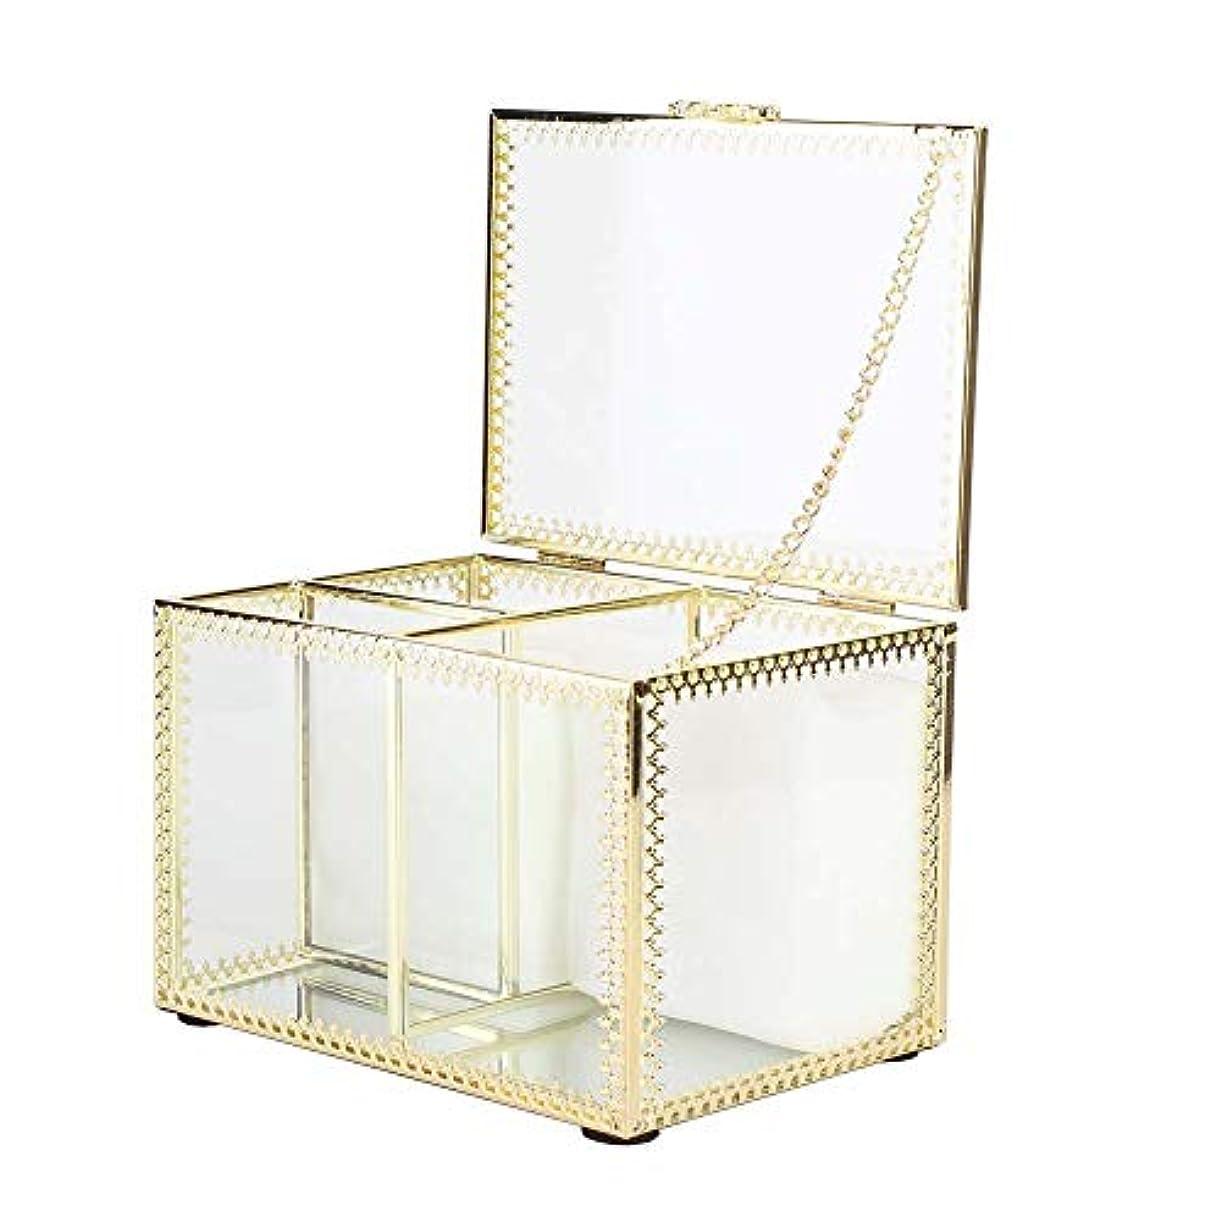 焦げ人気の現れるネイルアート収納ボックス、合金ネイルアートツール収納ボックスデスクトップネイルポリッシュソークオフジェルコットンオーガナイザーケースネイル用品